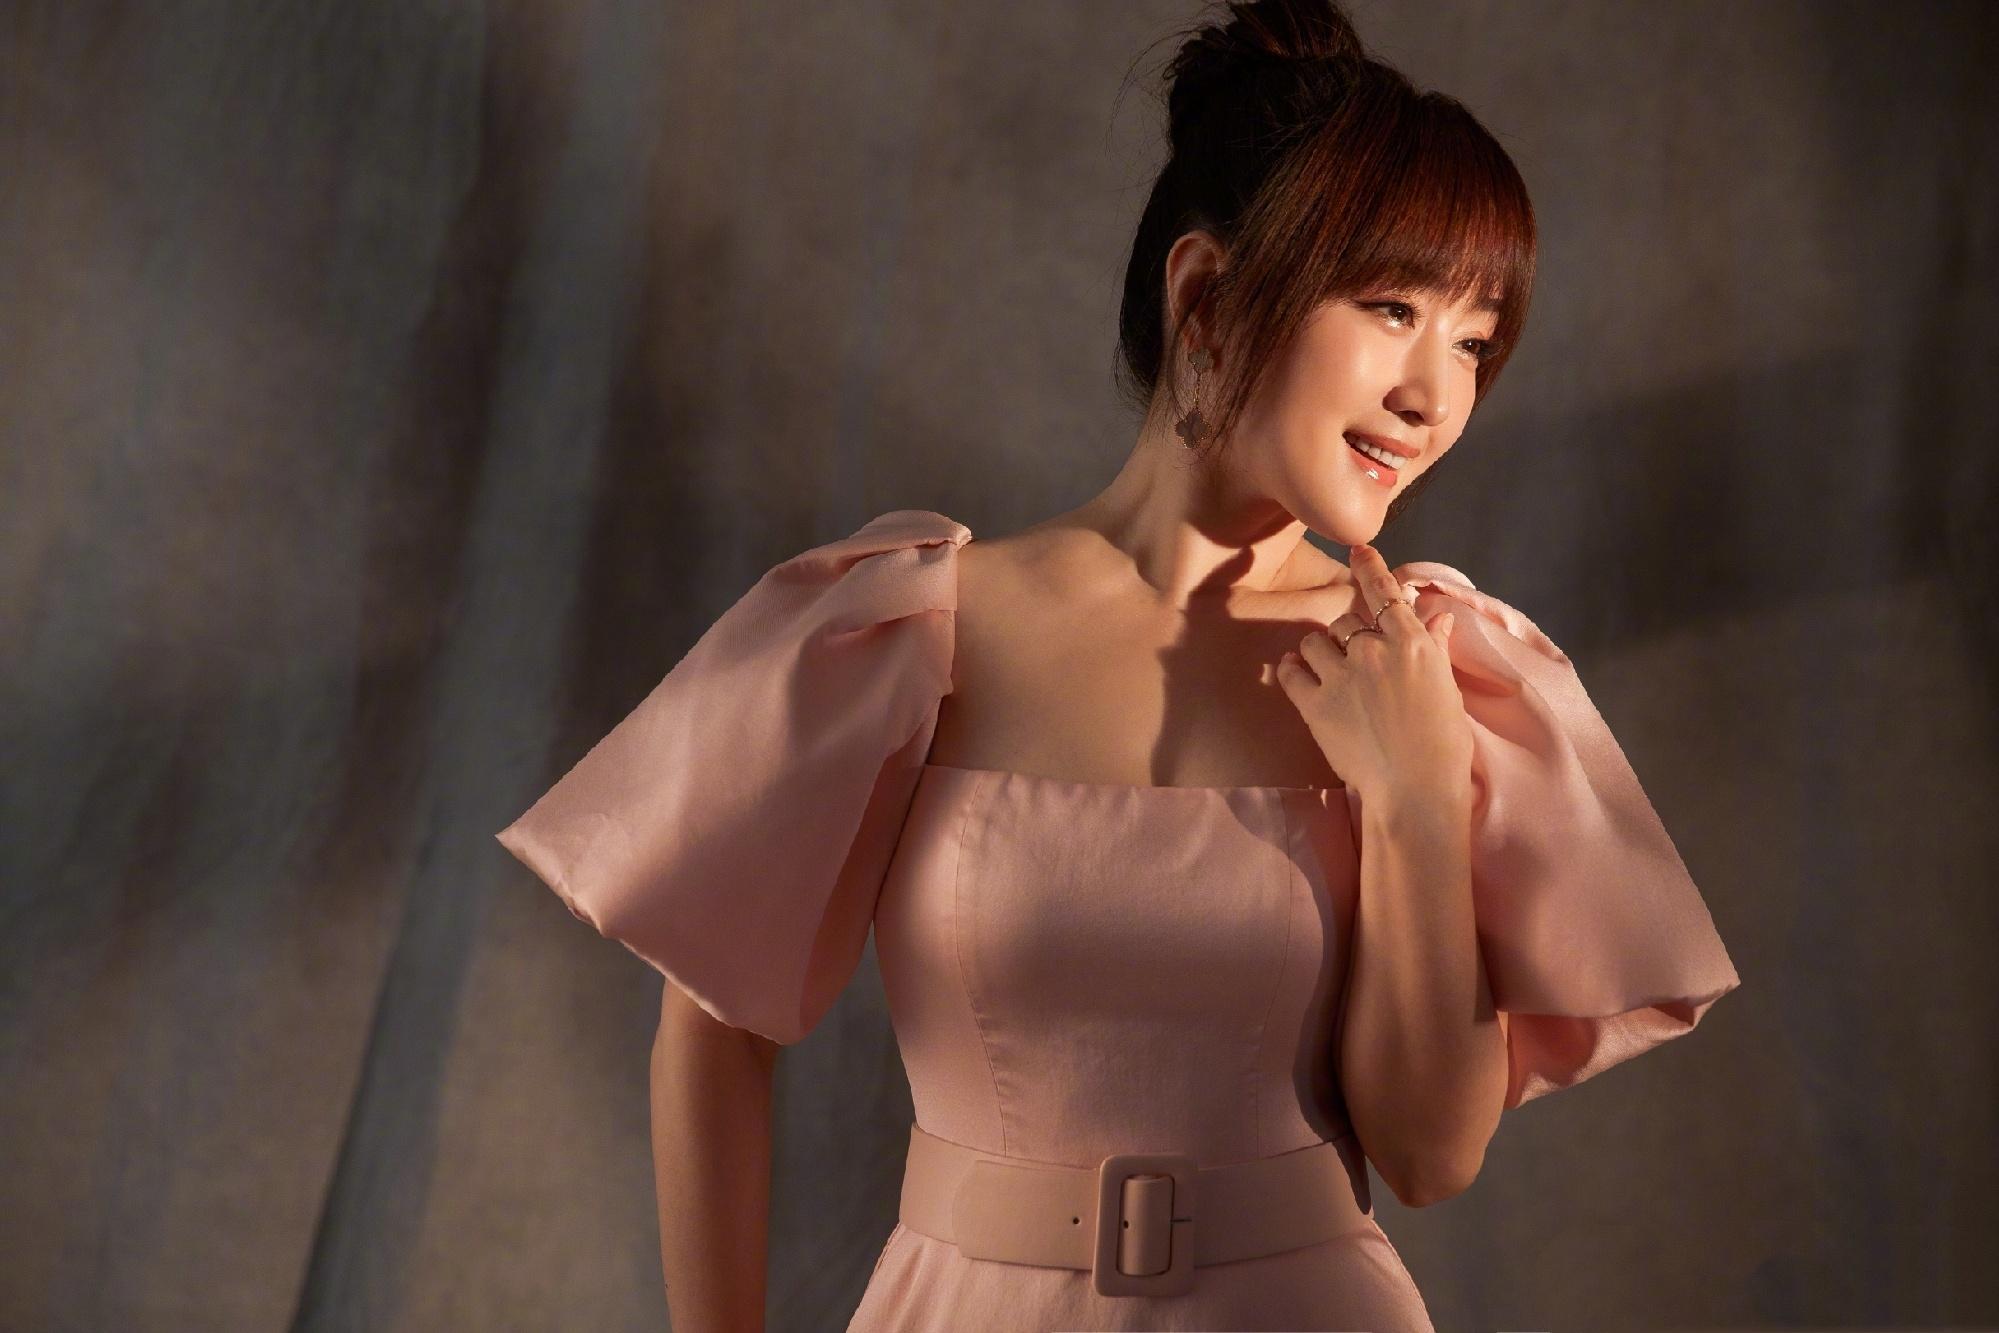 48岁杨钰莹太会扮嫩,一袭粉色公主裙,甜美娇俏似20岁!